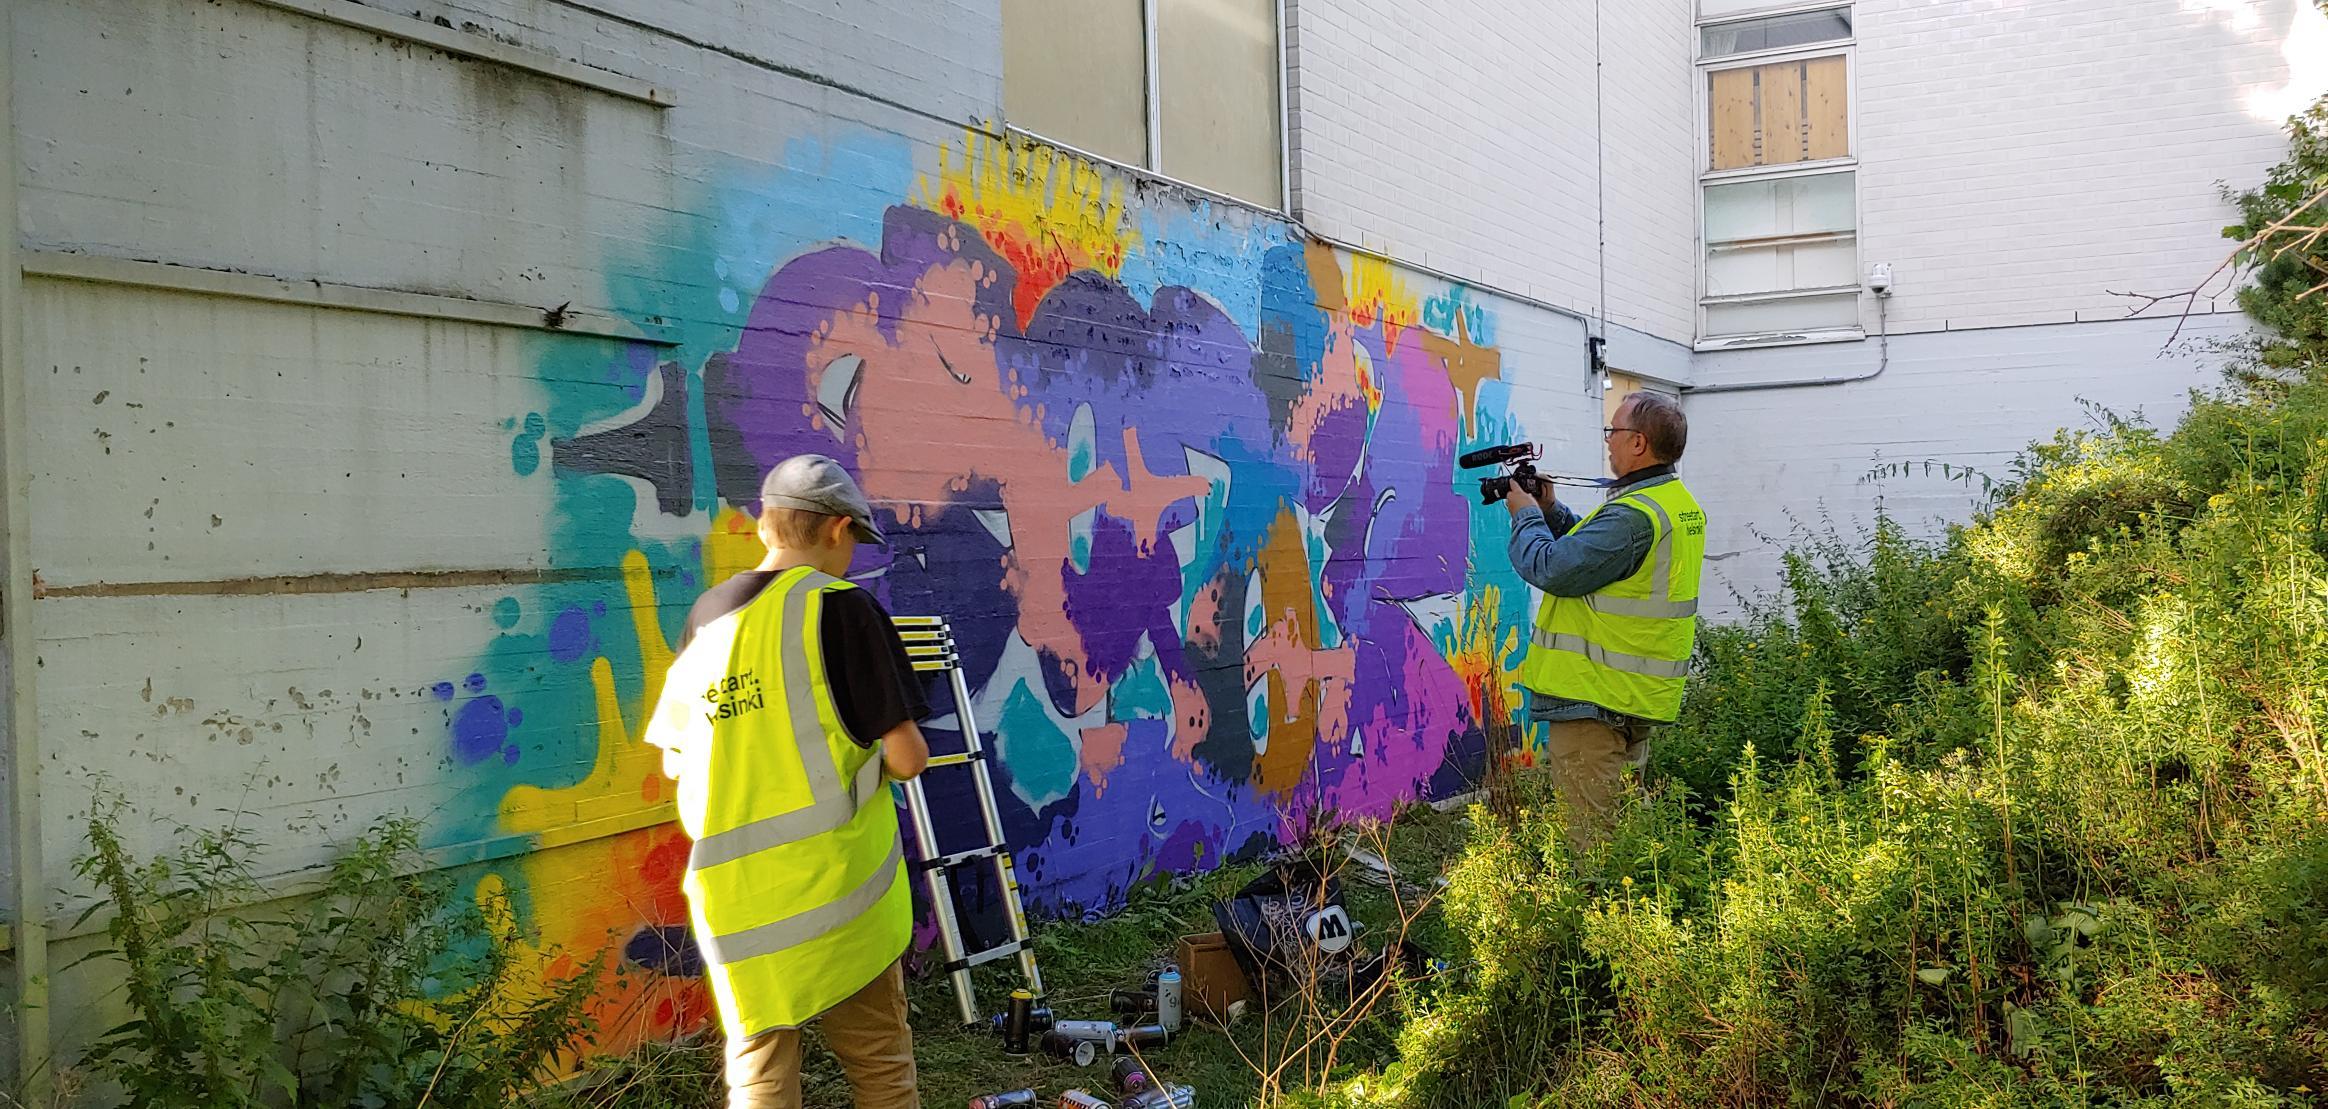 Linkki tapahtumaan Talviloma: Graffitin aika -dokumenttisarja